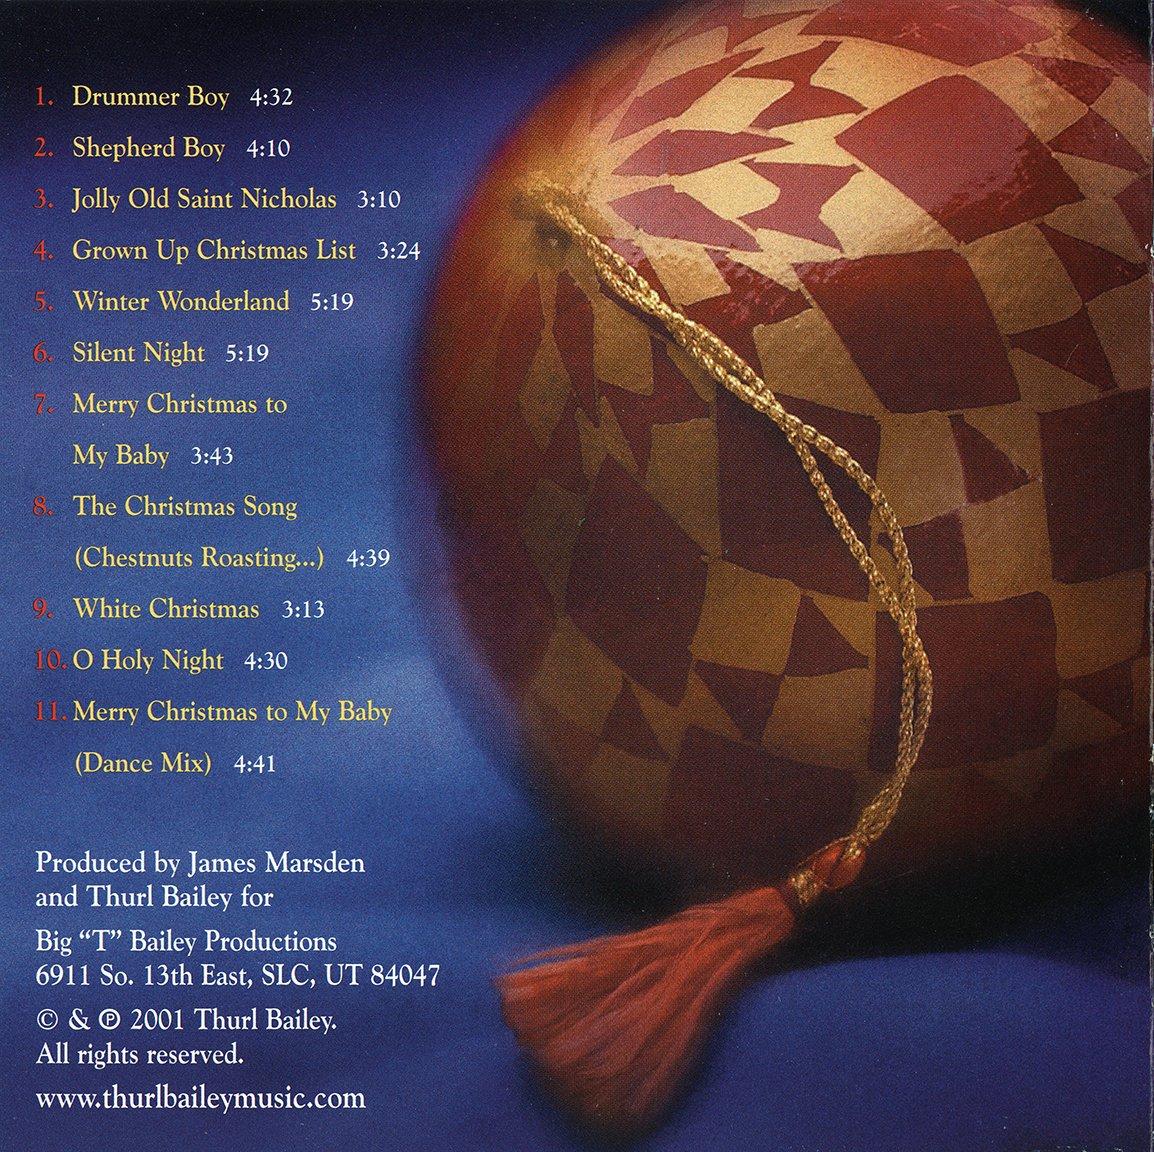 Thurl Bailey - The Gift of Christmas - Amazon.com Music